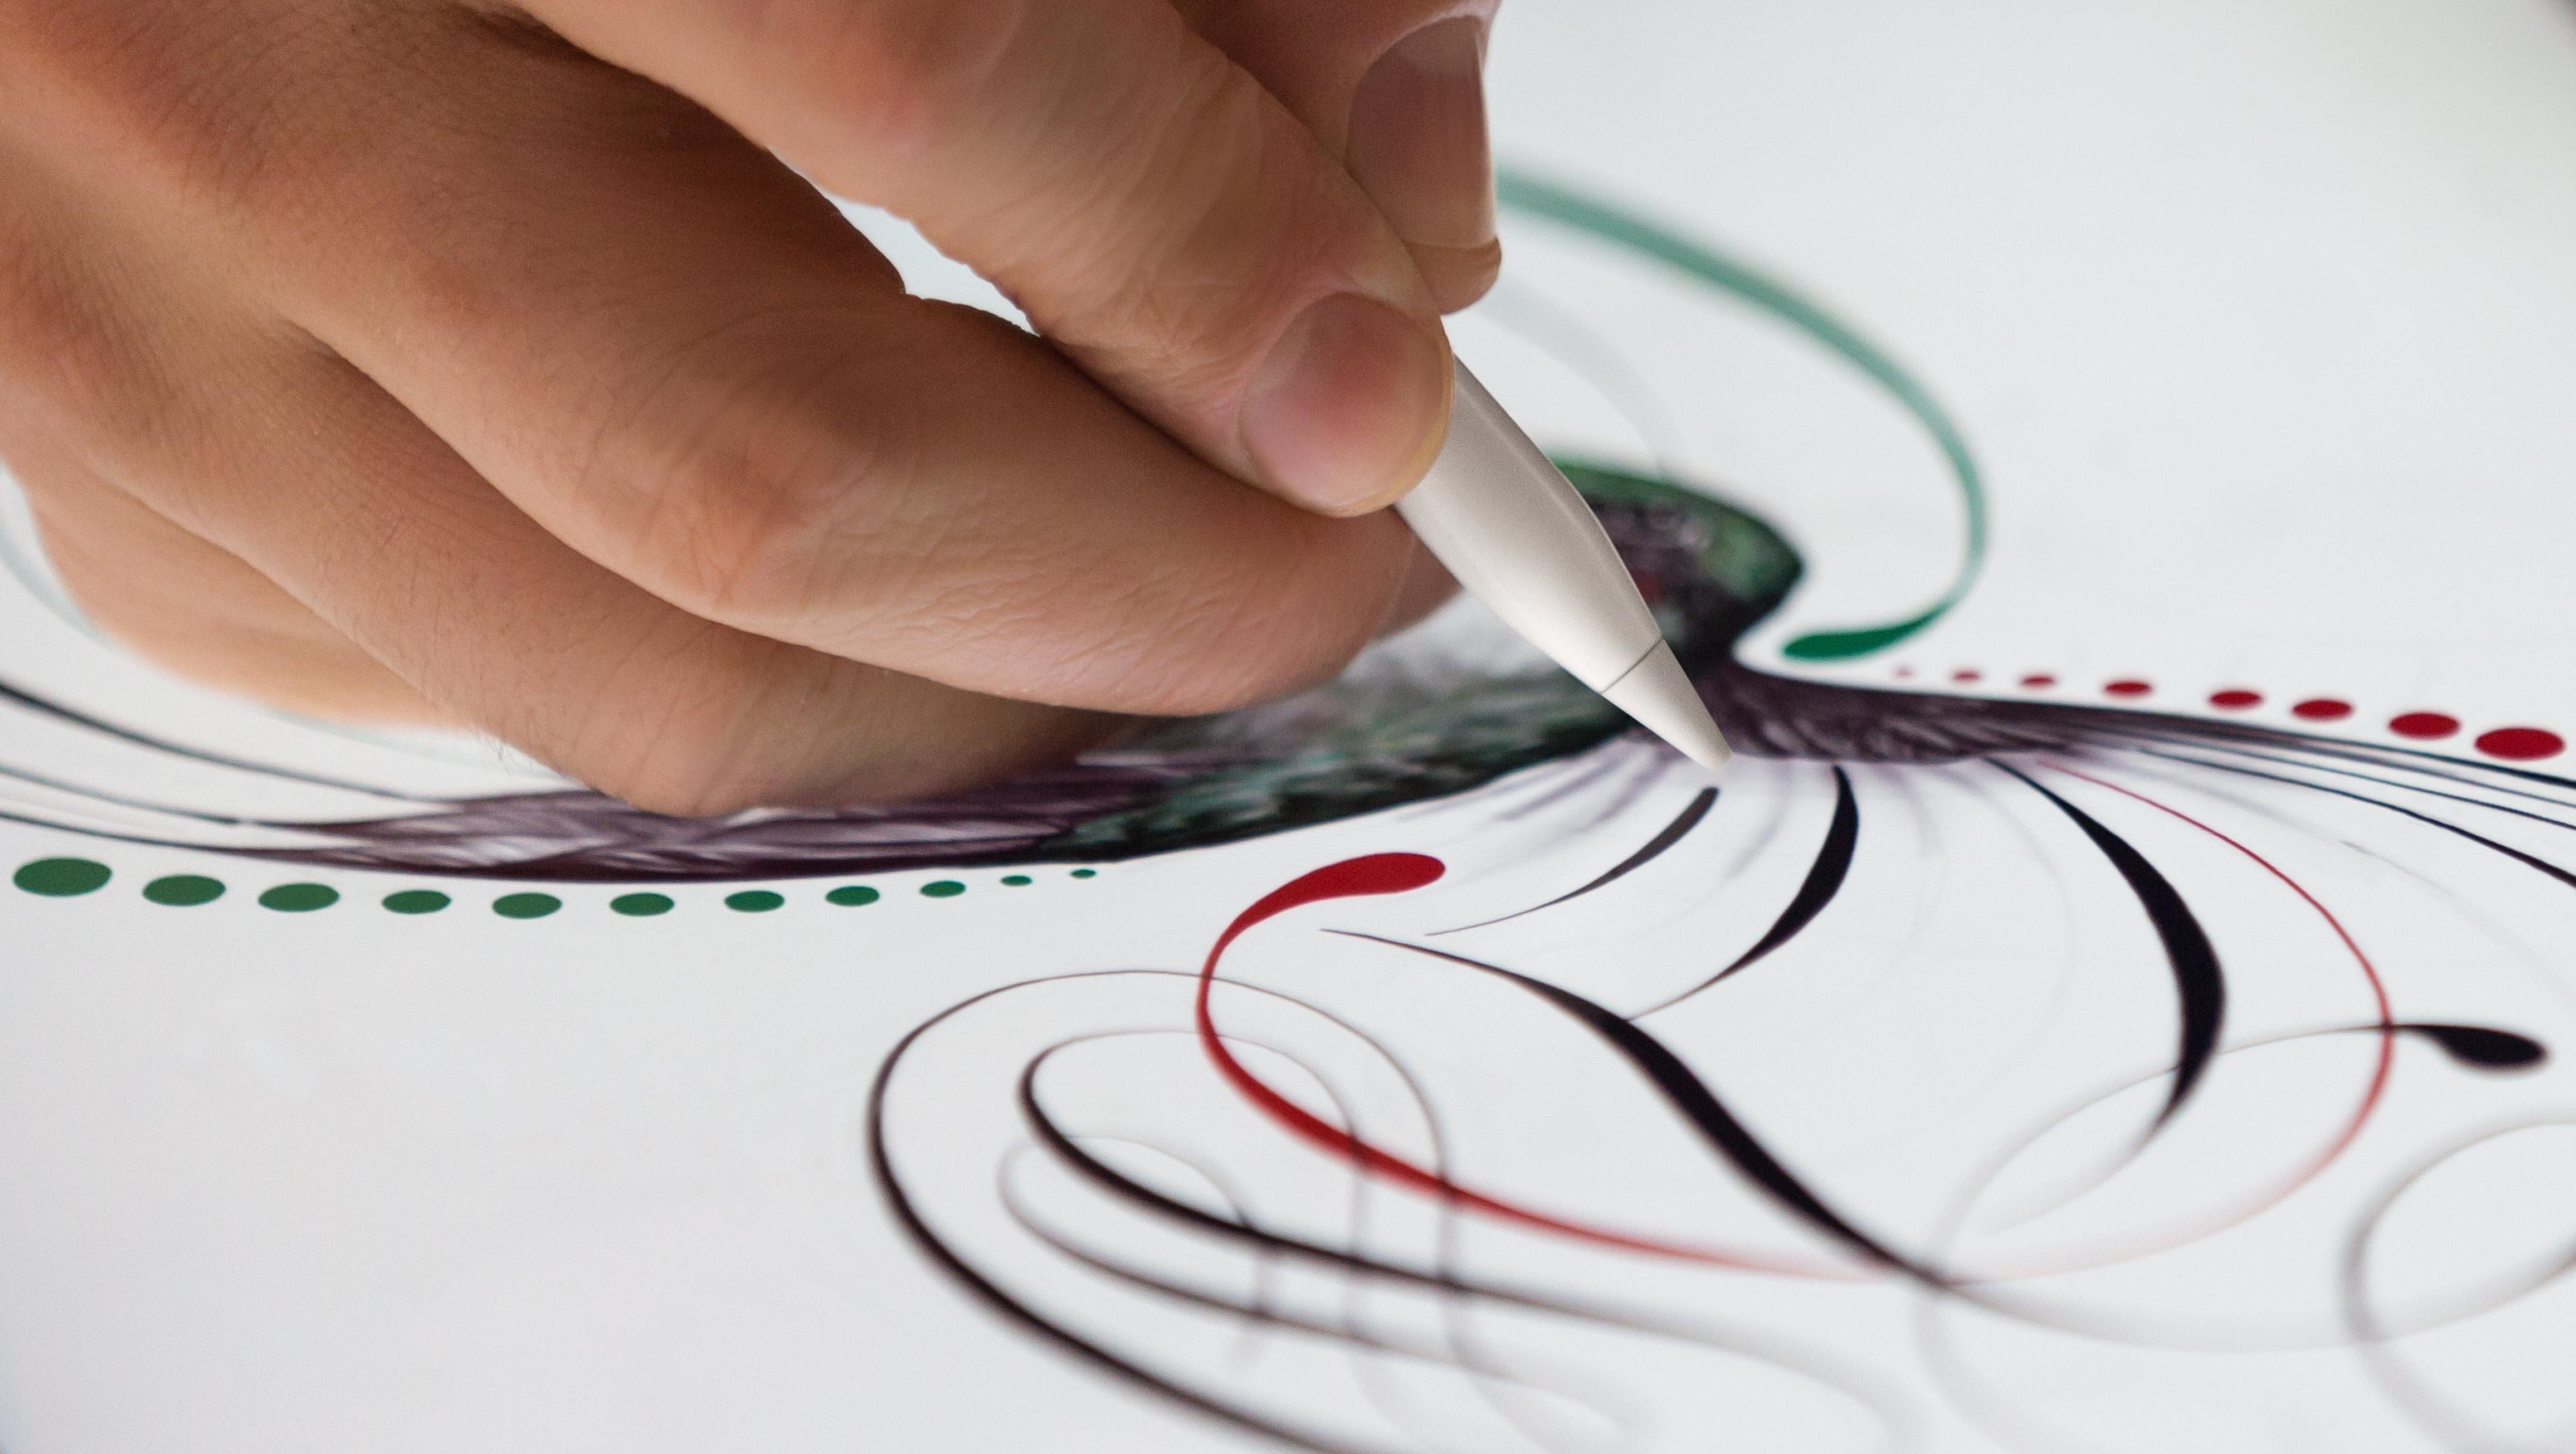 apple-pencil-image-002.jpg